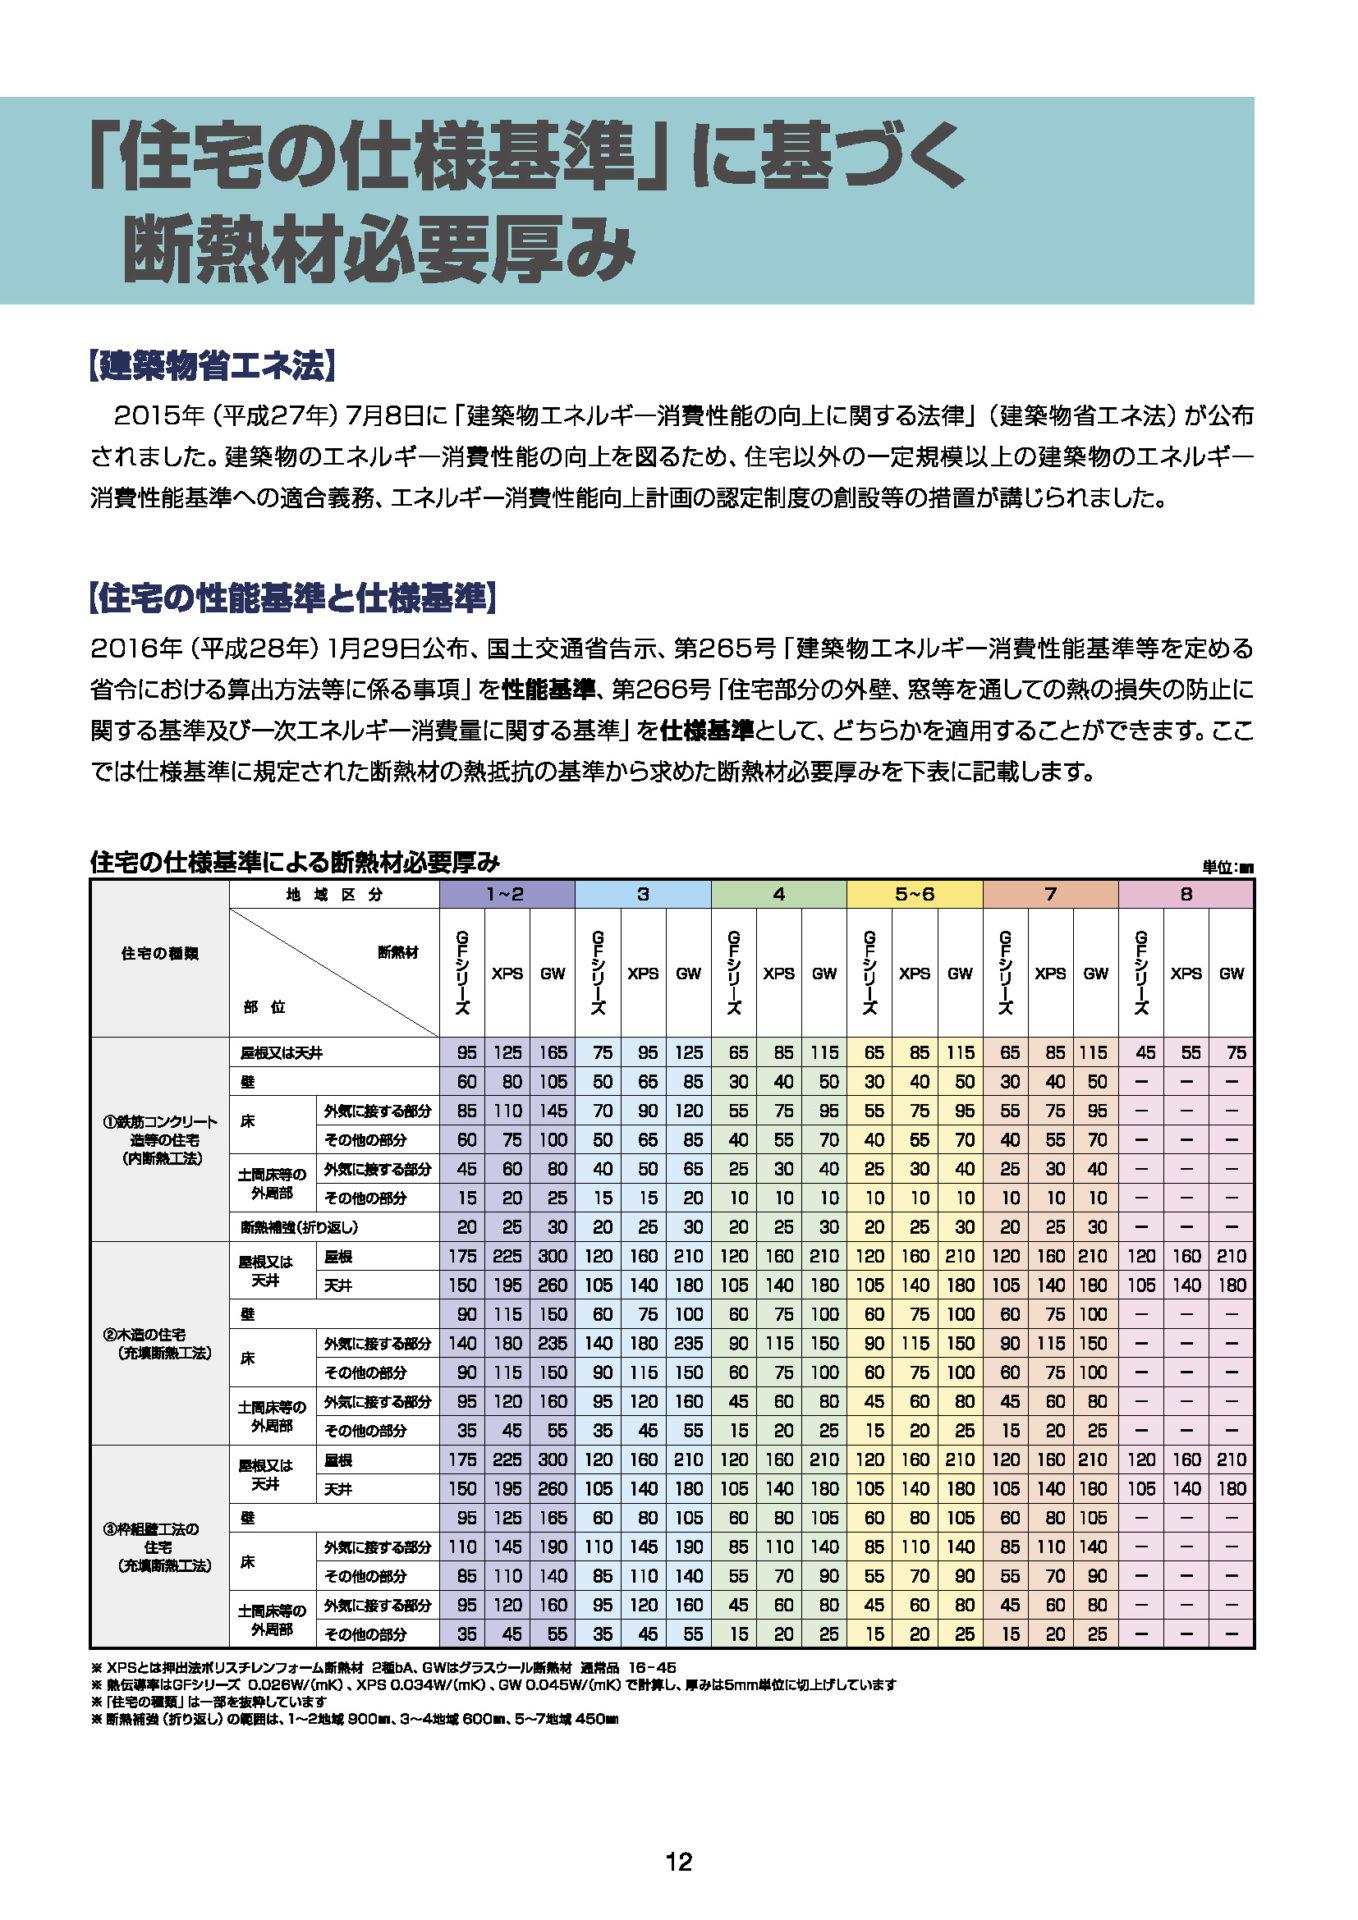 「パフテムスプレー」フロンタイプ専用カタログP14